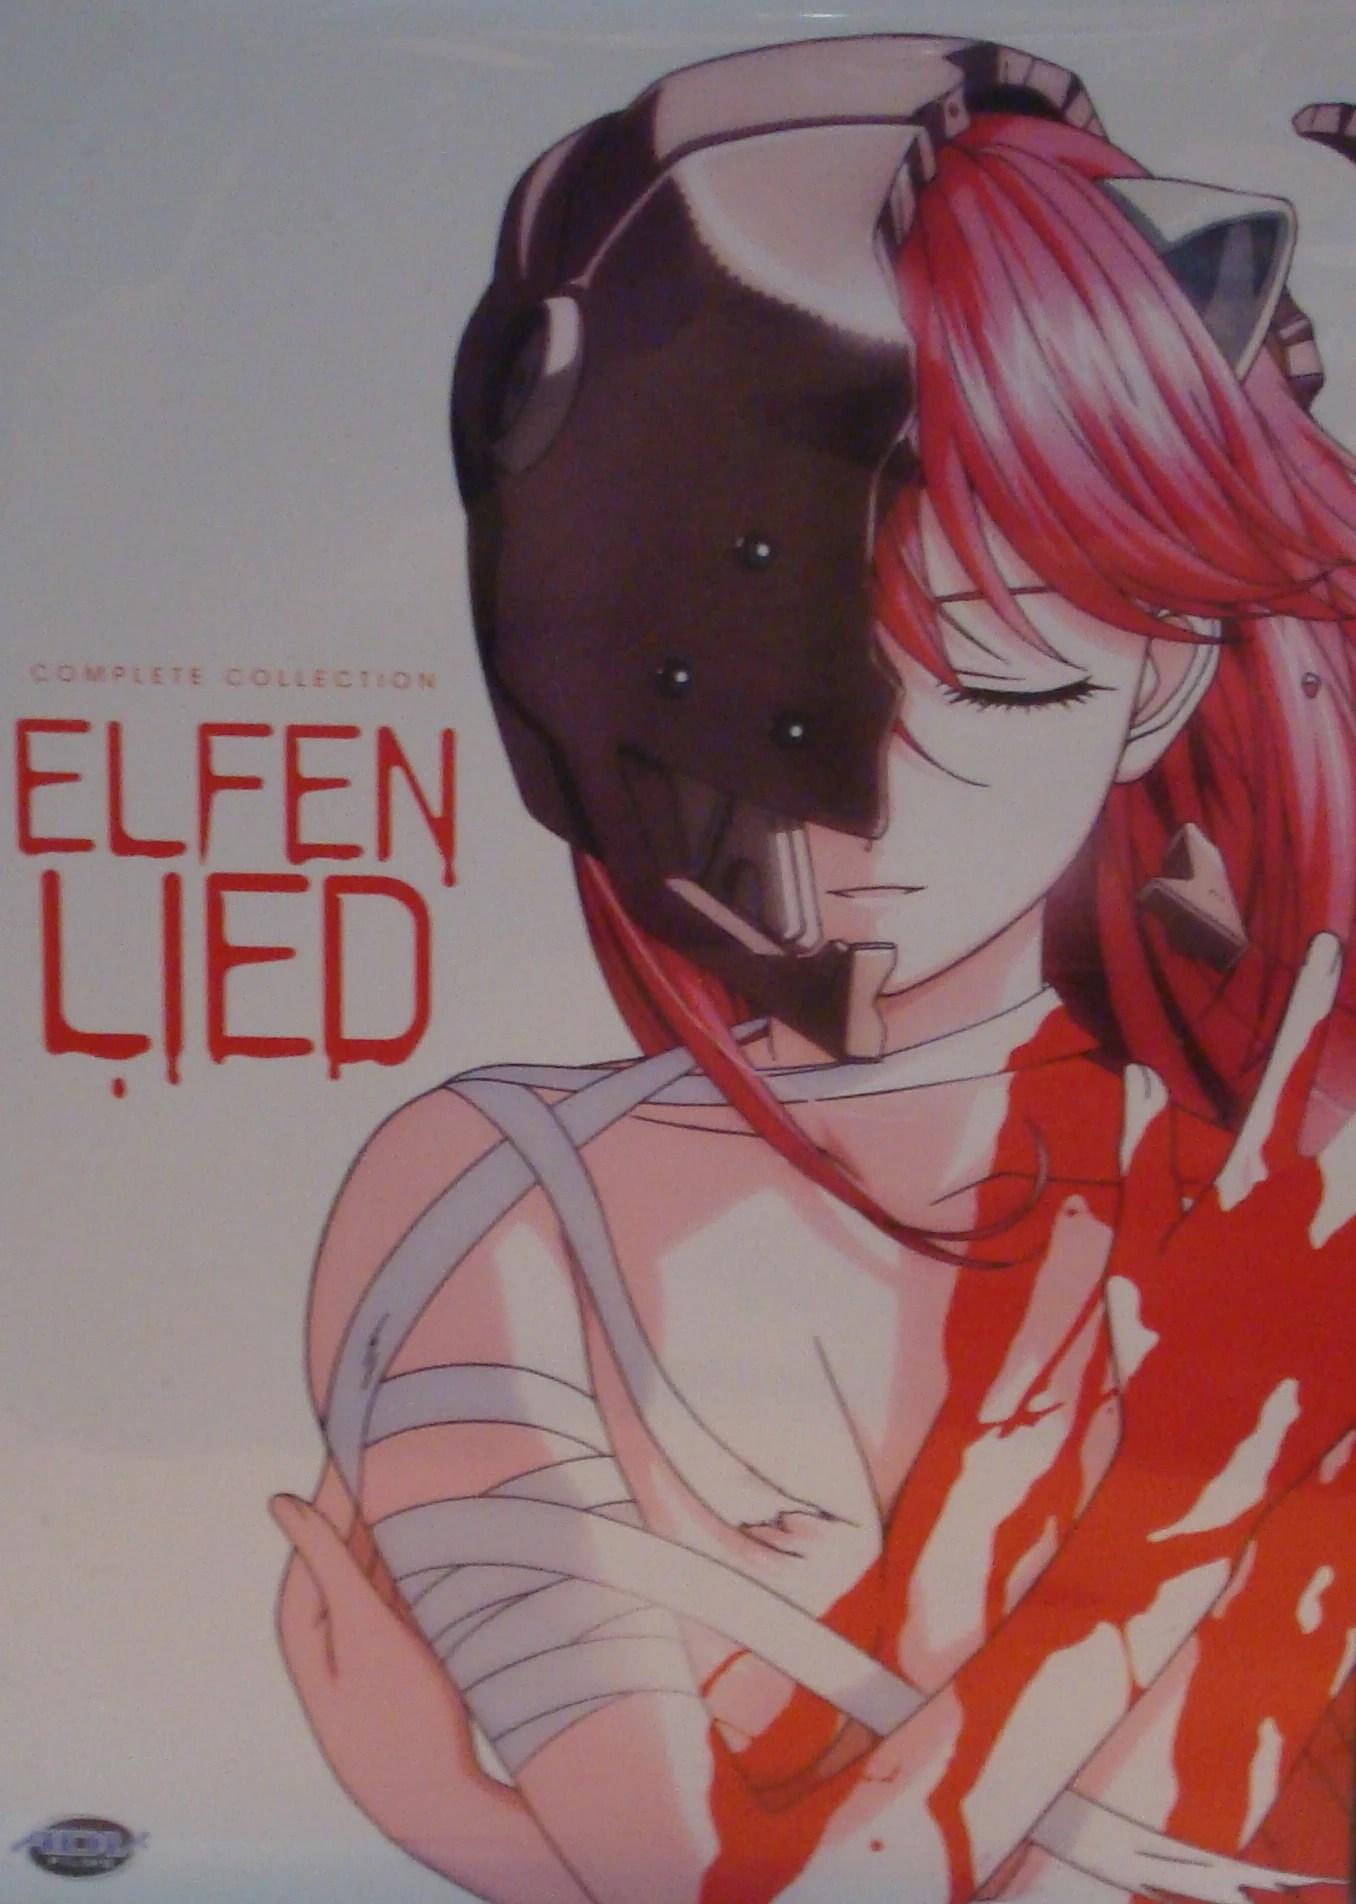 Elfen Lied Awesome Anime And Manga Wiki Fandom Powered